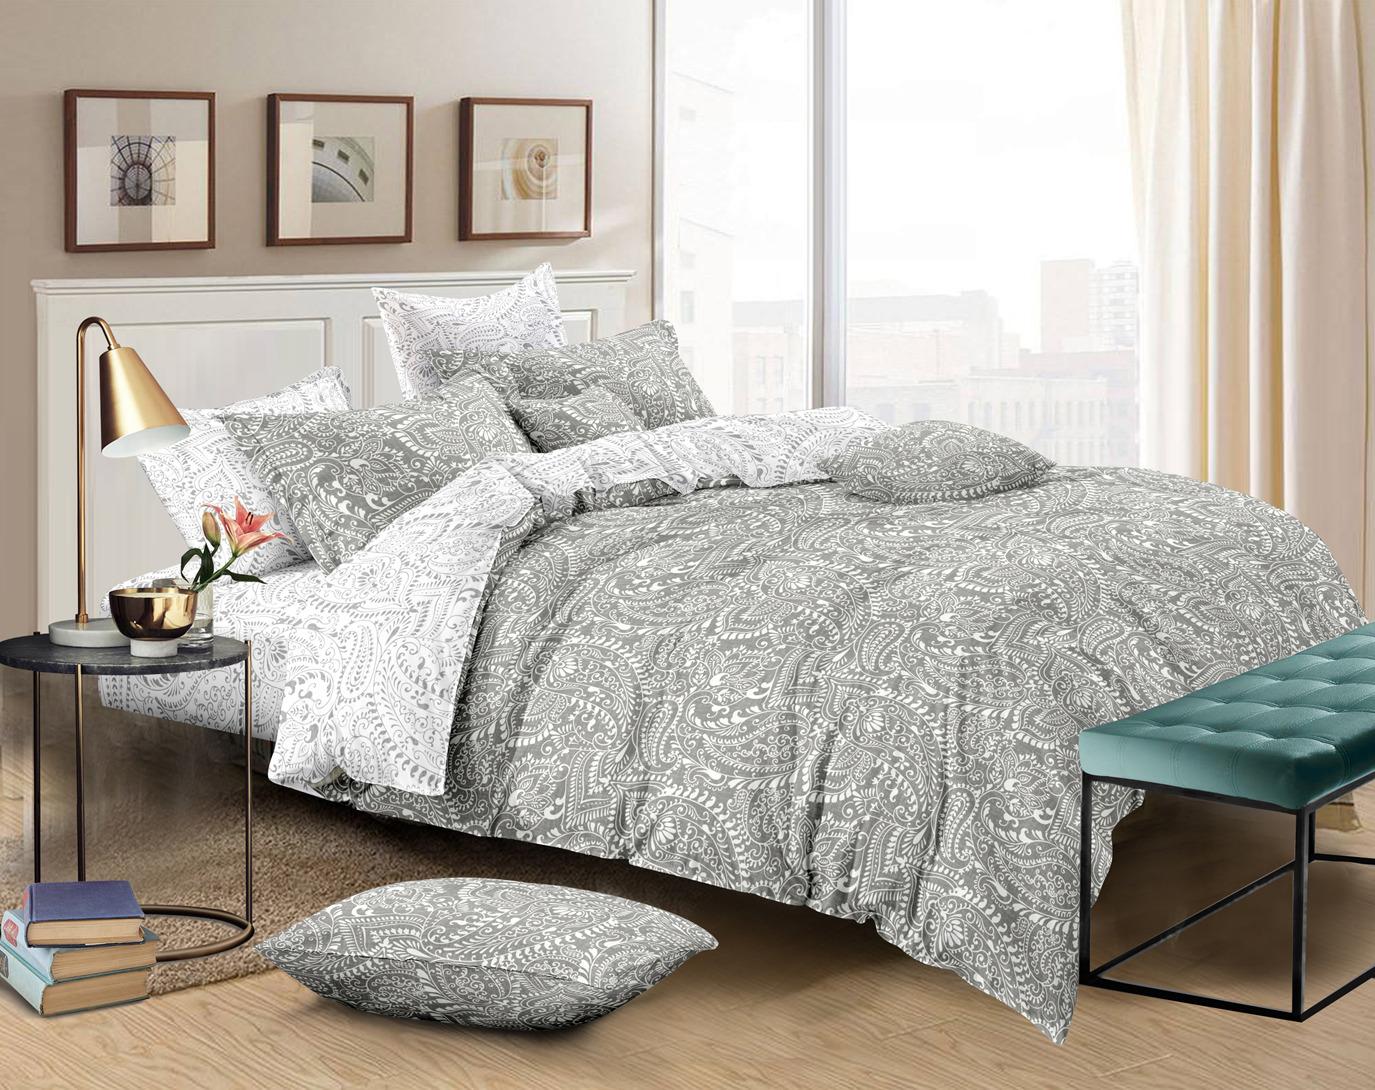 Комплект постельного белья Amore Mio Gold Amber, 7833, бежевый, 1,5-спальный, наволочки 70x70